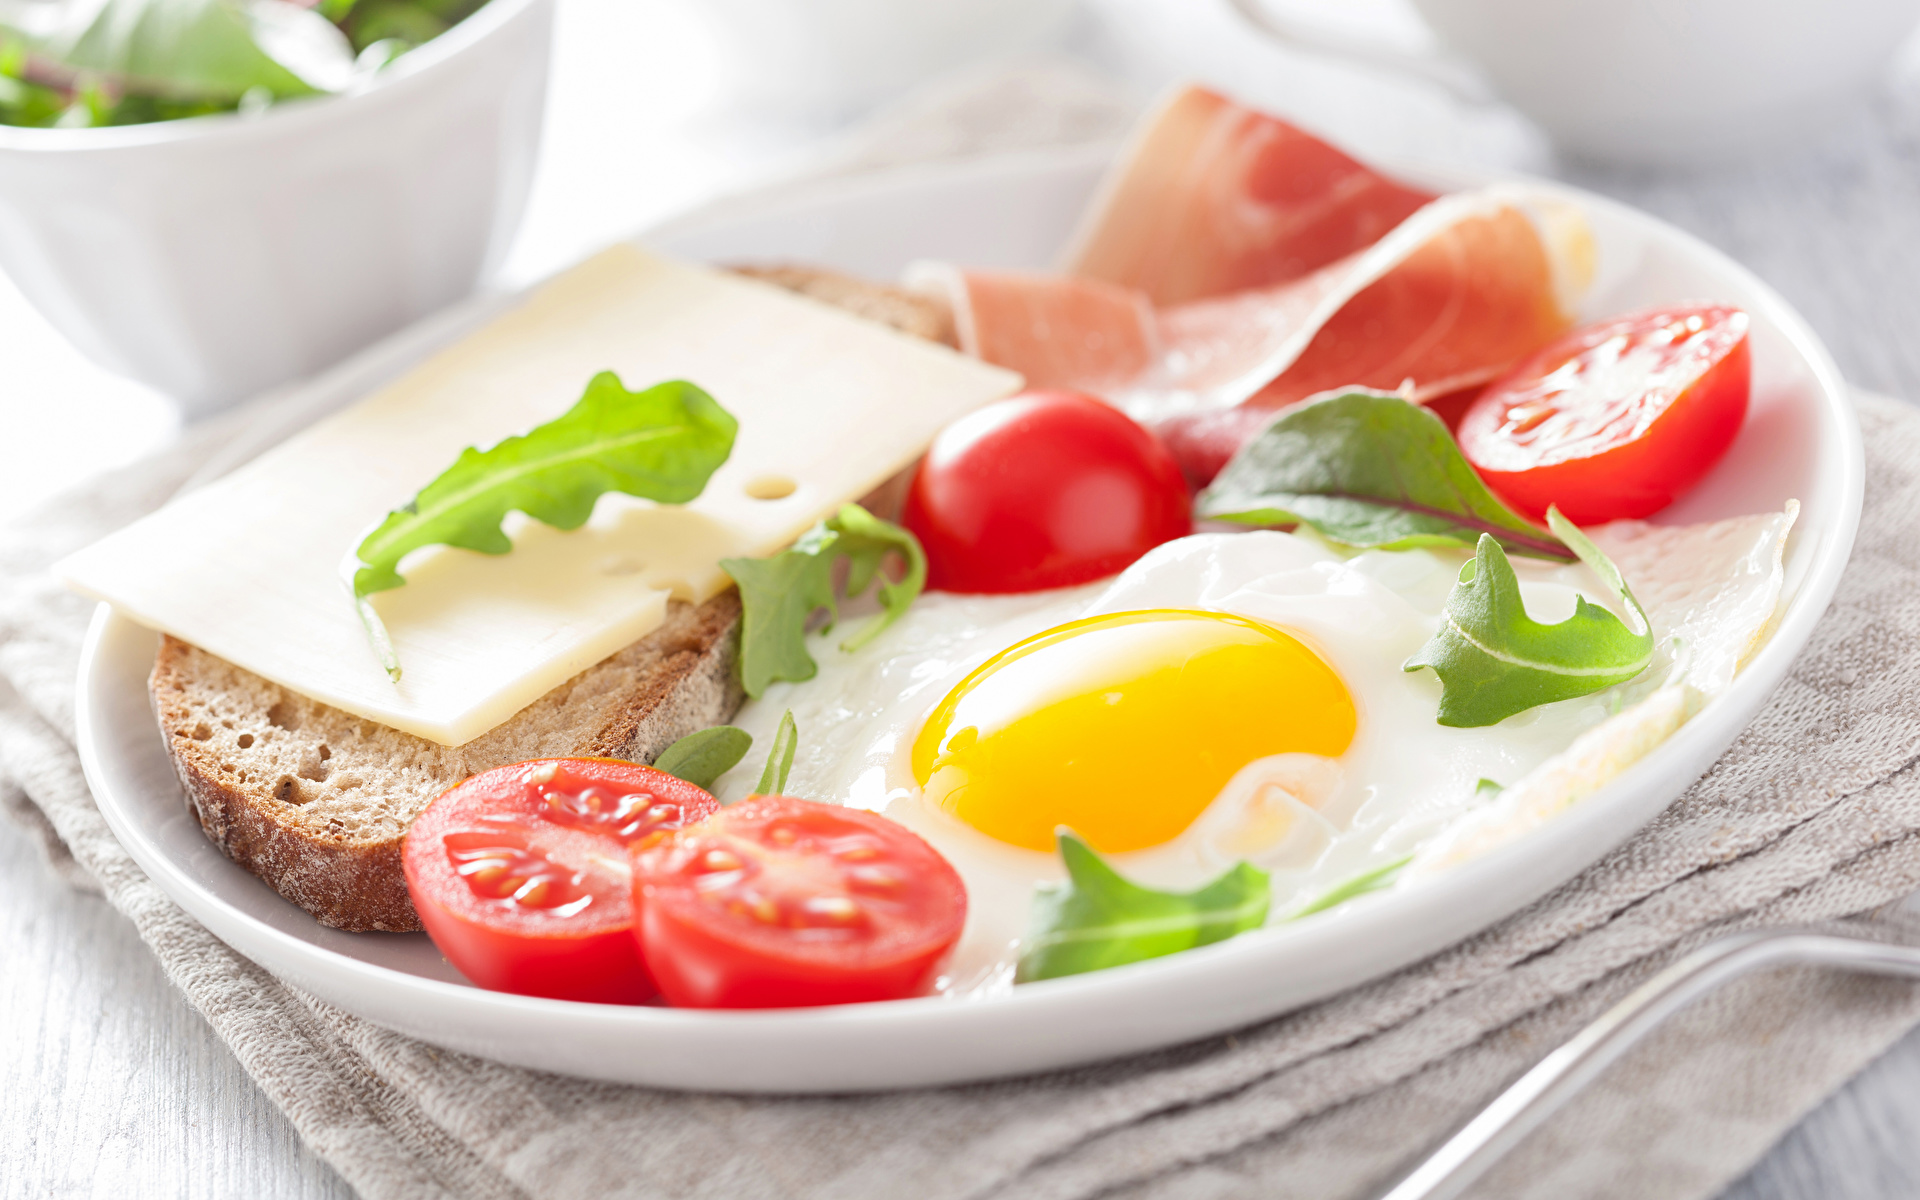 Фотография яйцо Помидоры Хлеб Сыры Еда 1920x1200 яиц Яйца яйцами Томаты Пища Продукты питания